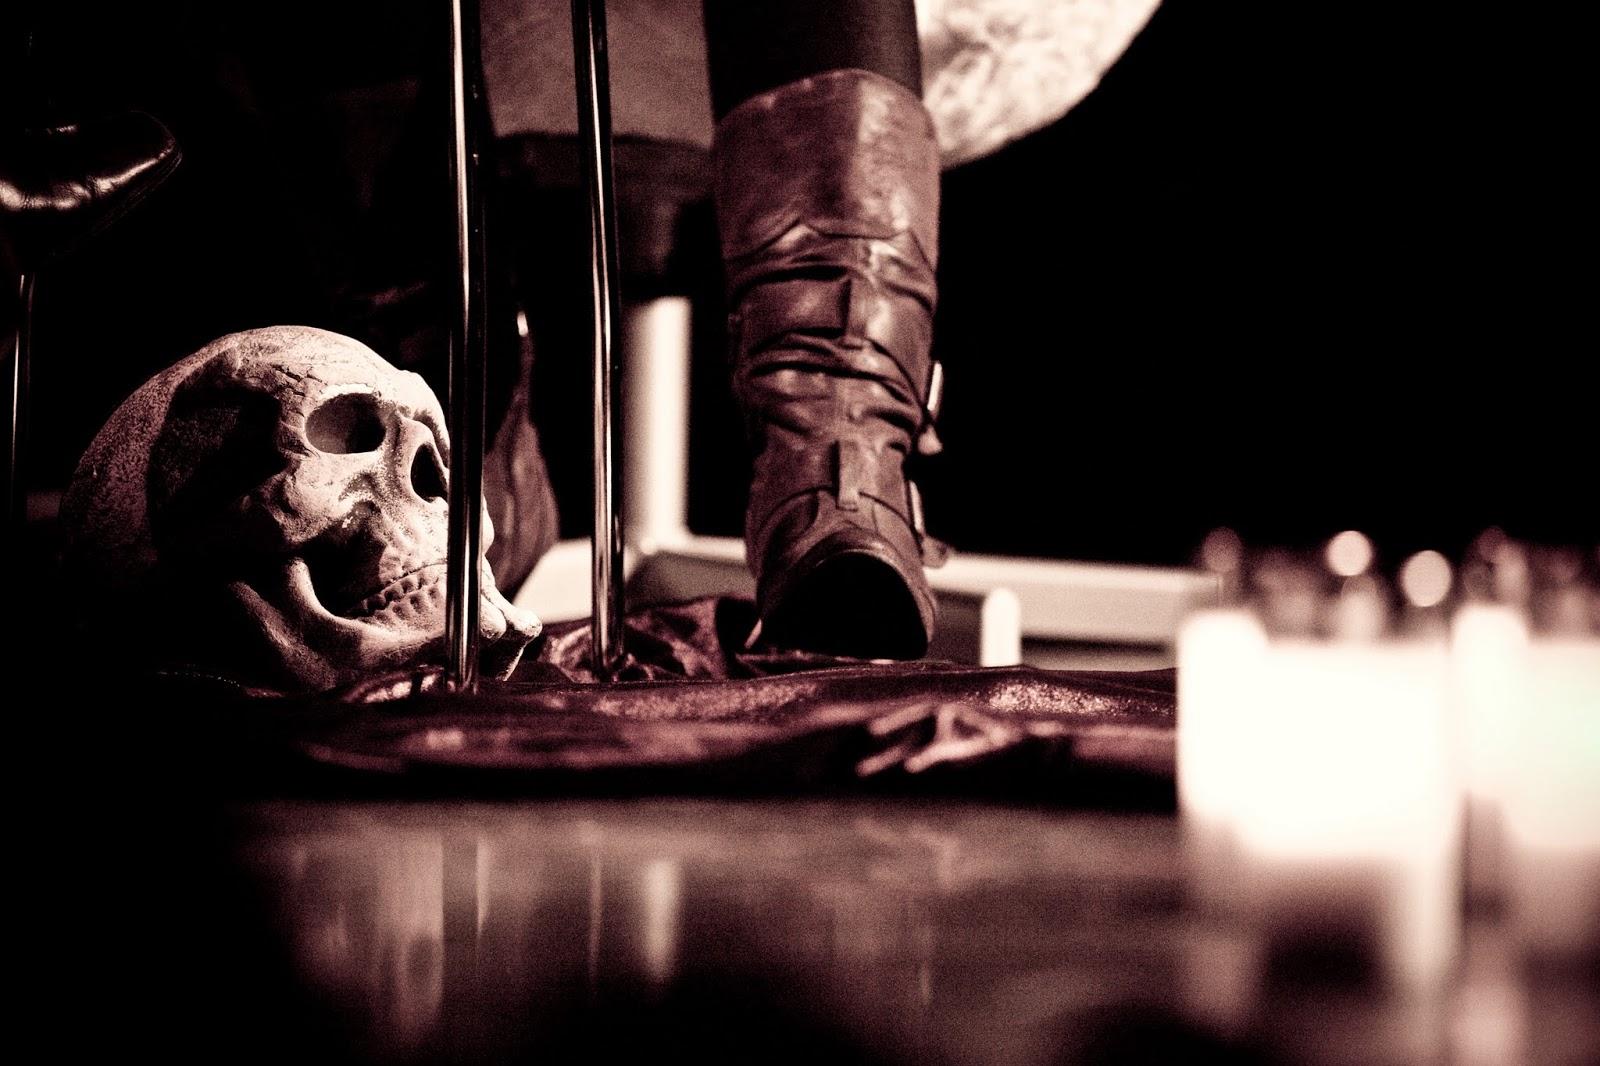 Kuoleman kyydissä (11.10.2009)